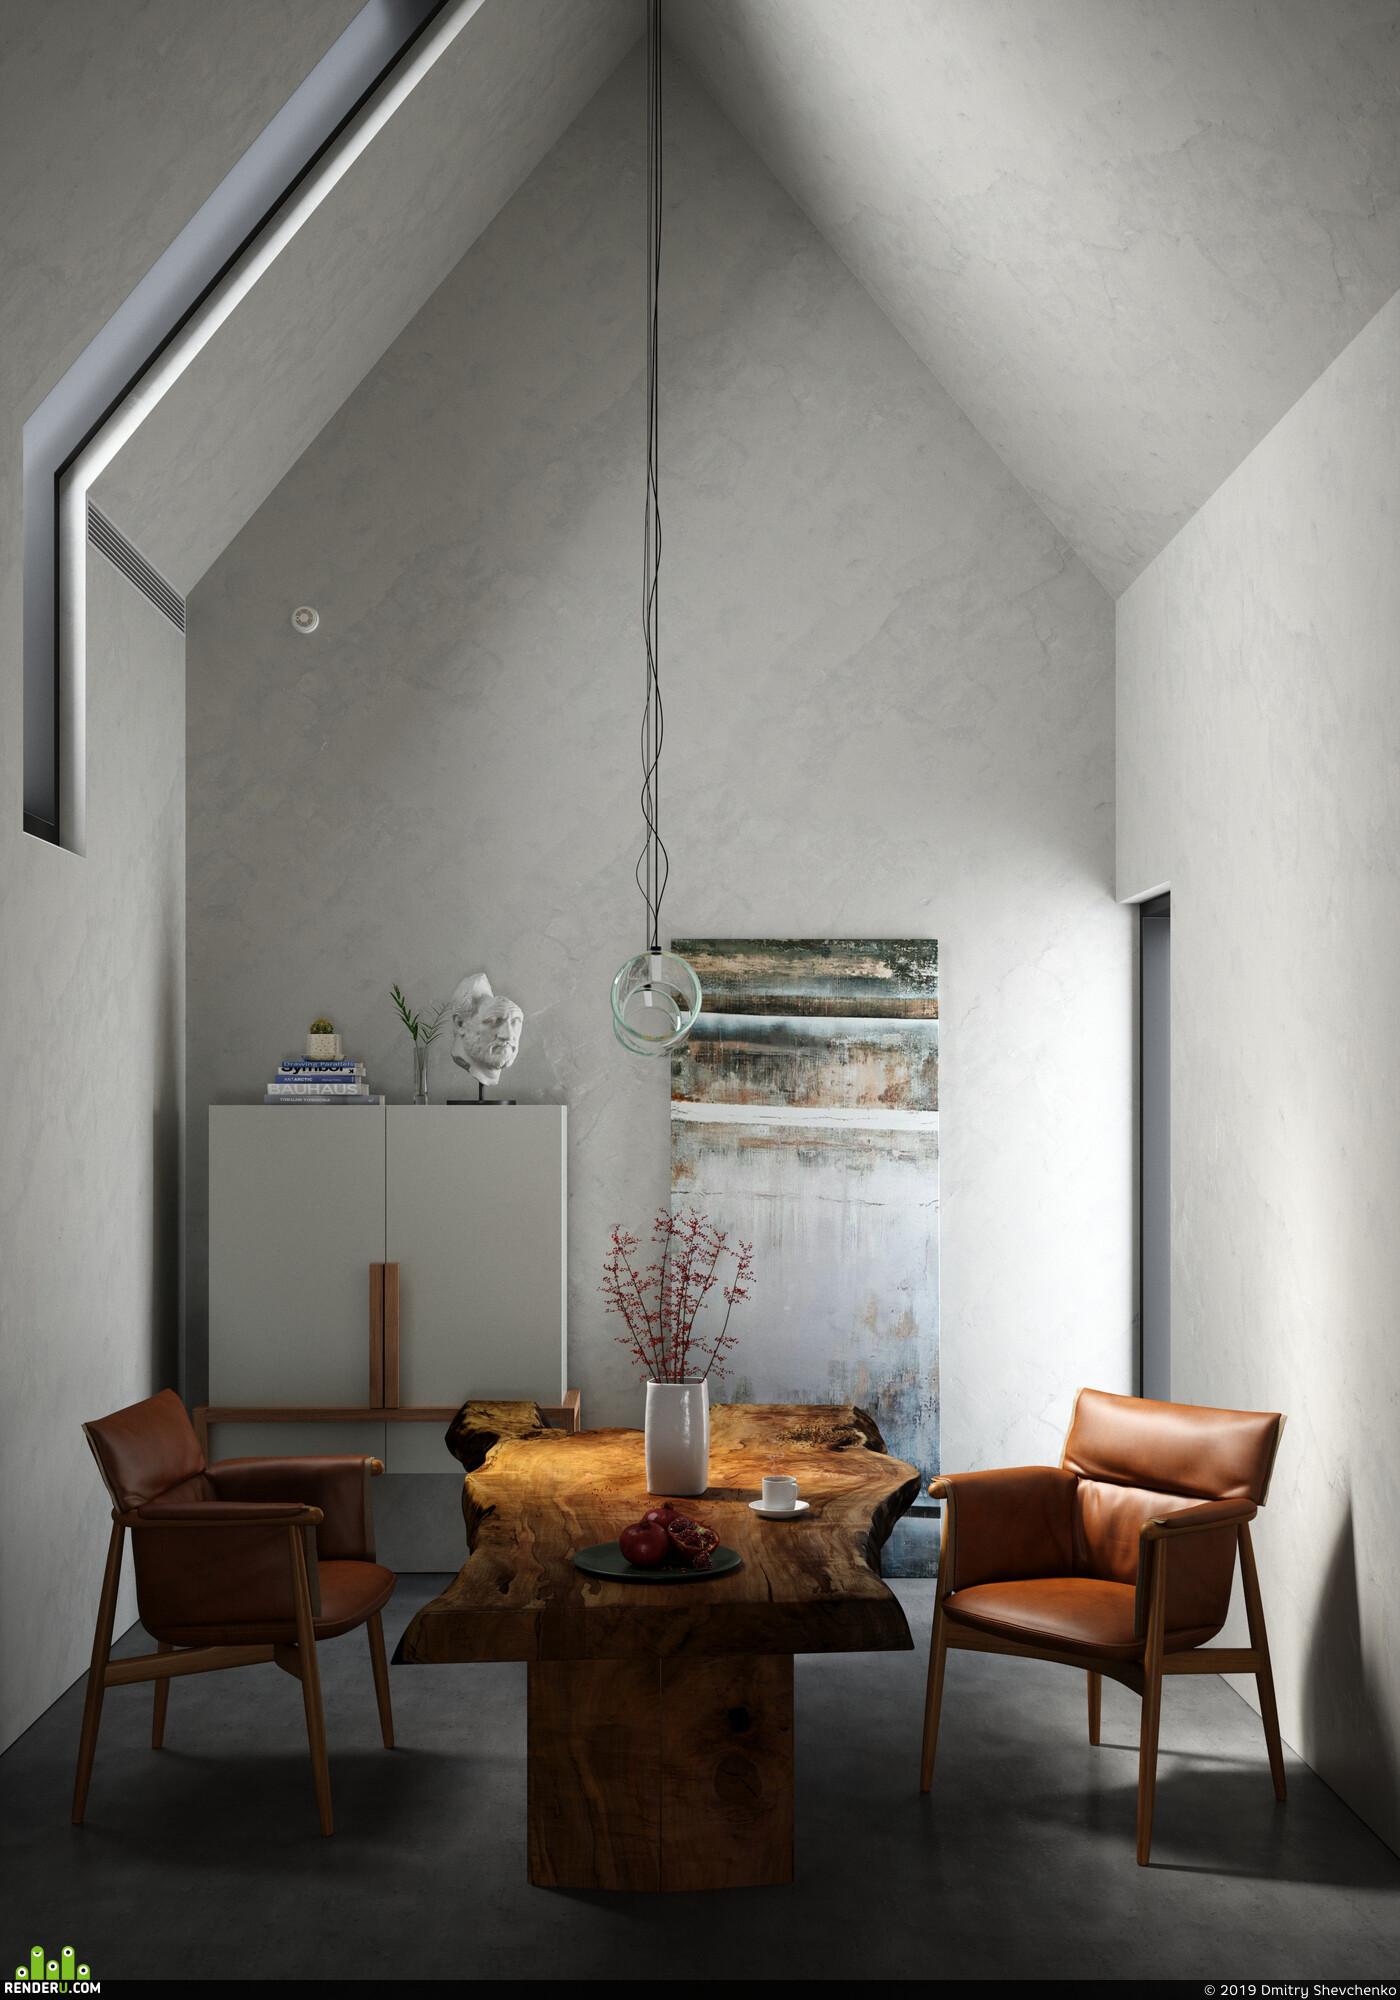 свет дизайн Уют минимализм